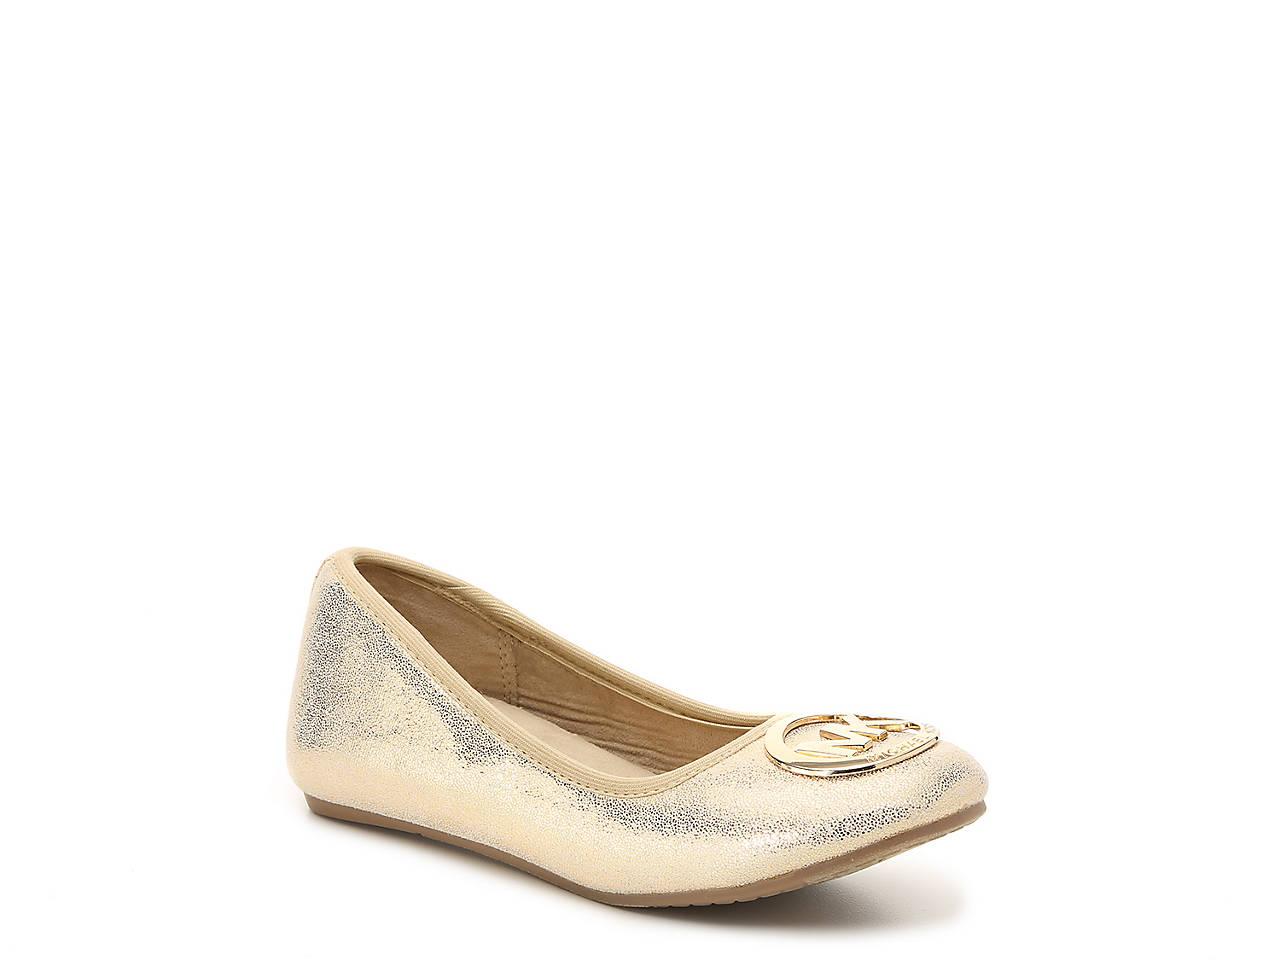 ff5c9d8f14e Michael Michael Kors Faye Ria Toddler   Youth Ballet Flat Kids Shoes ...